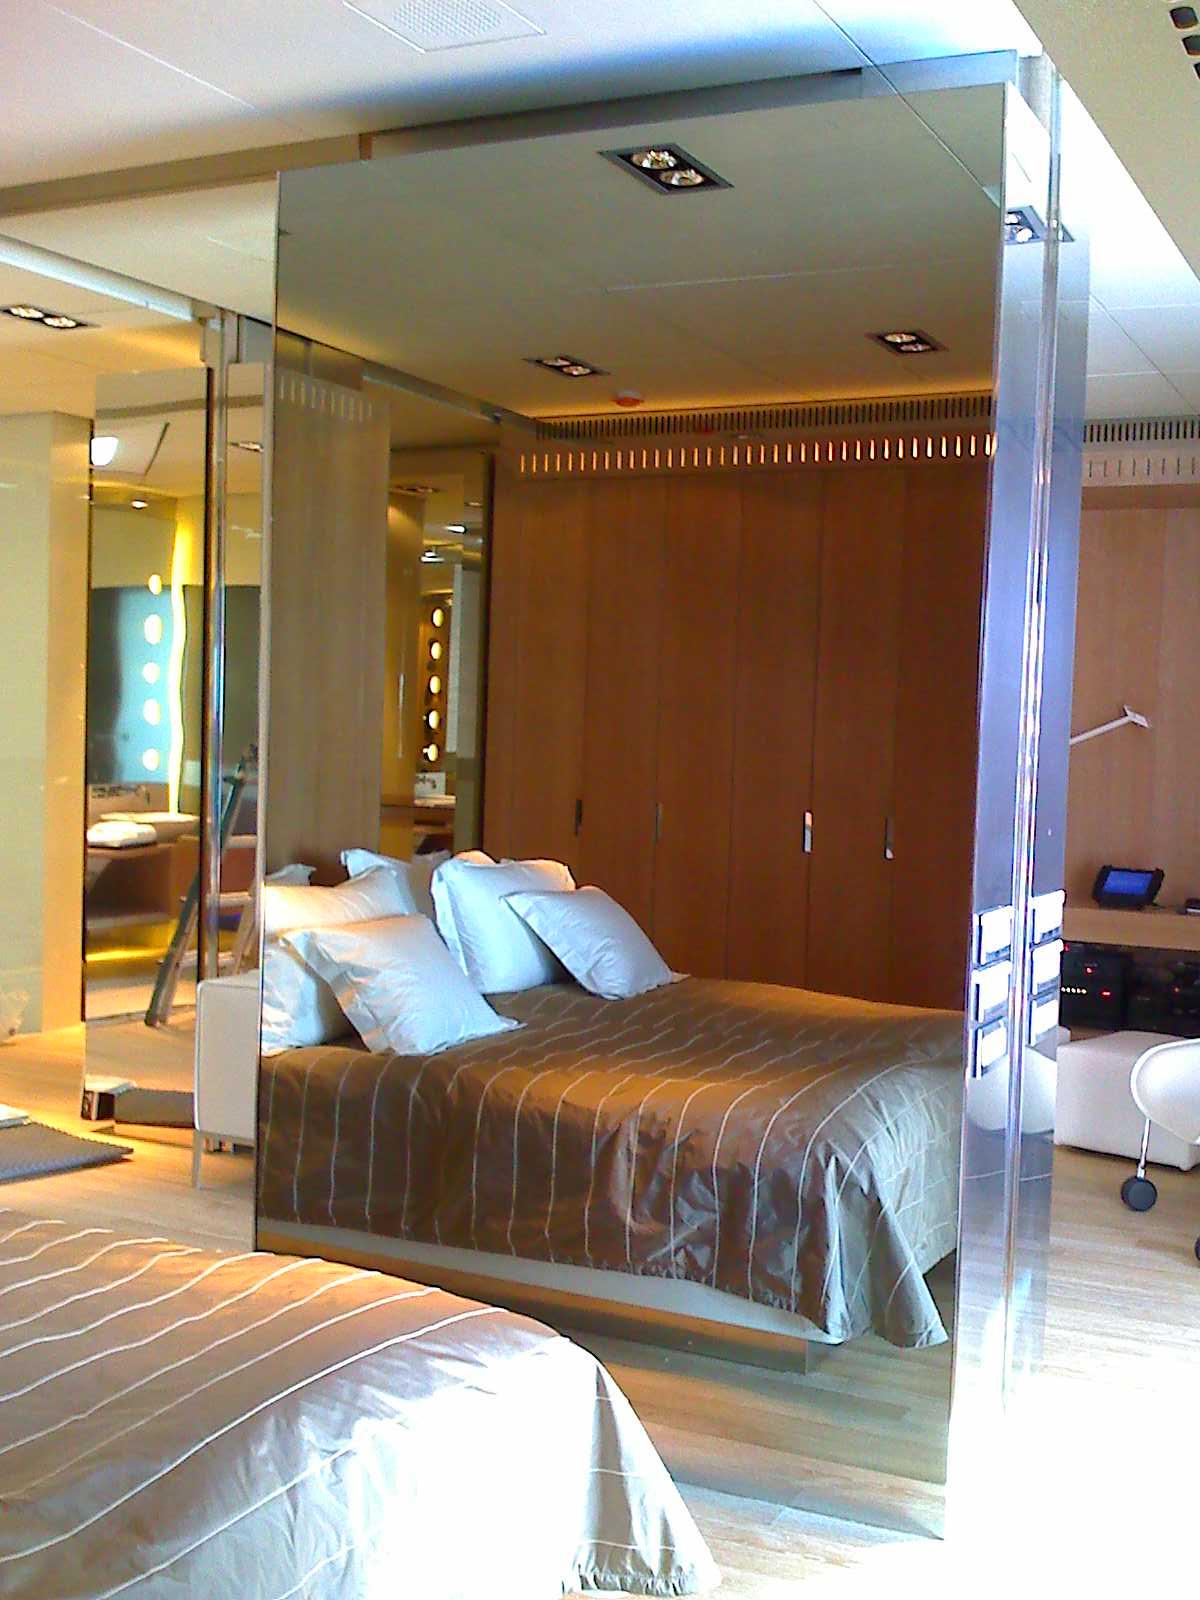 mirrortv hotel bedroom